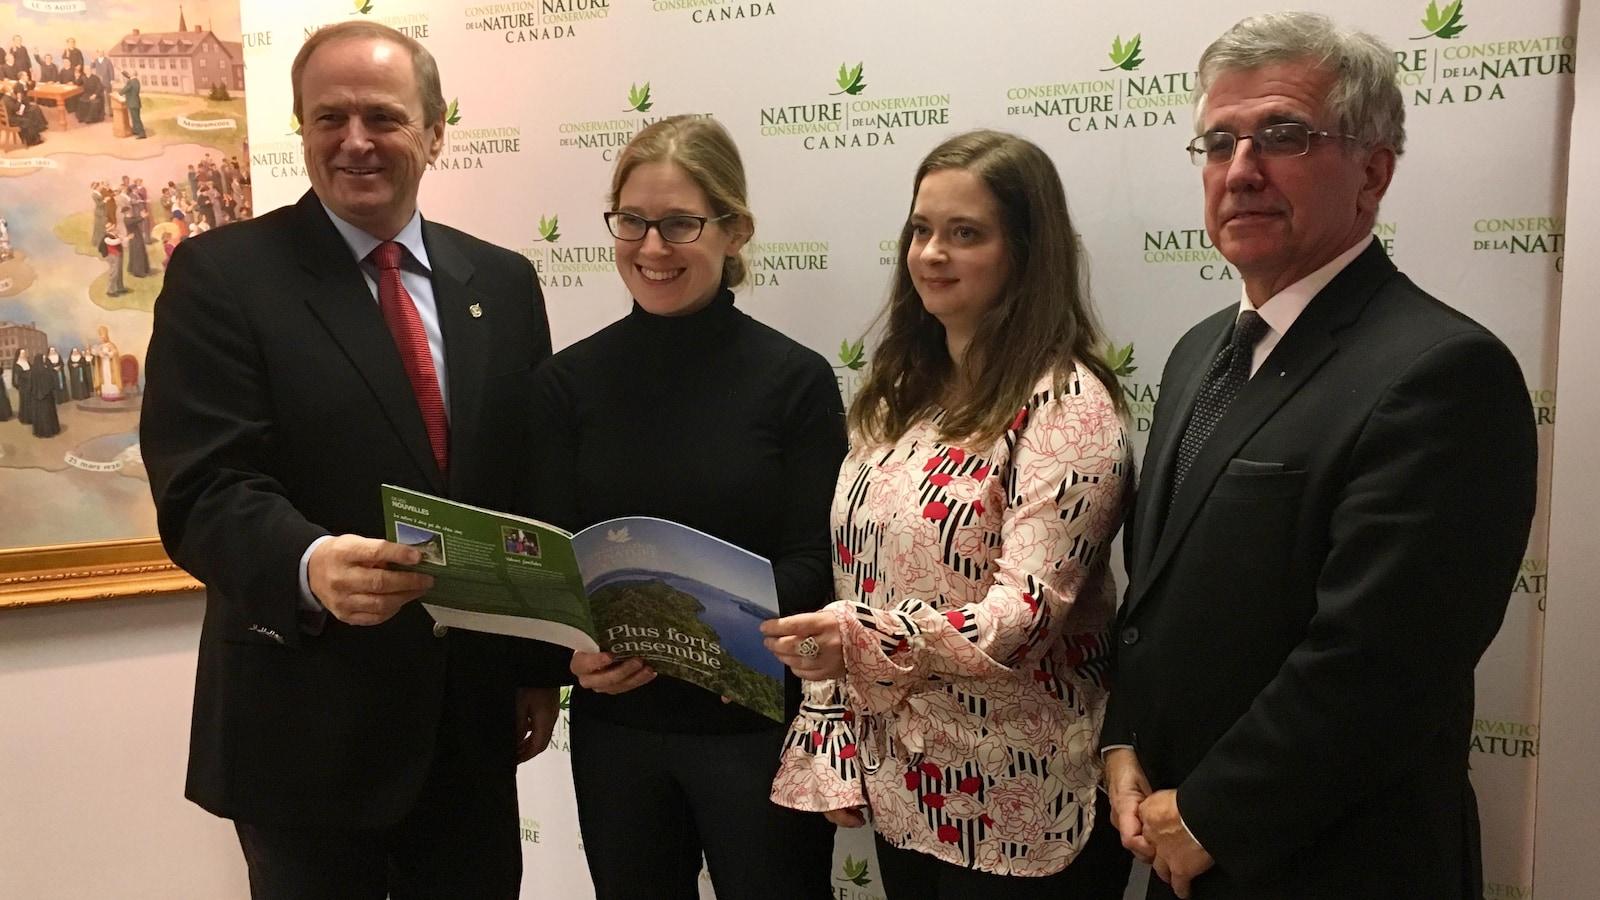 Le député fédéral Robert Morrissey et le ministre provincial de l'Environnement, Richard Brown, entourent Julie Vasseur de l'organisme Conservation de la nature Canada et Rachel Lapointe du Musée acadien de l'Île-du-Prince-Édouard.